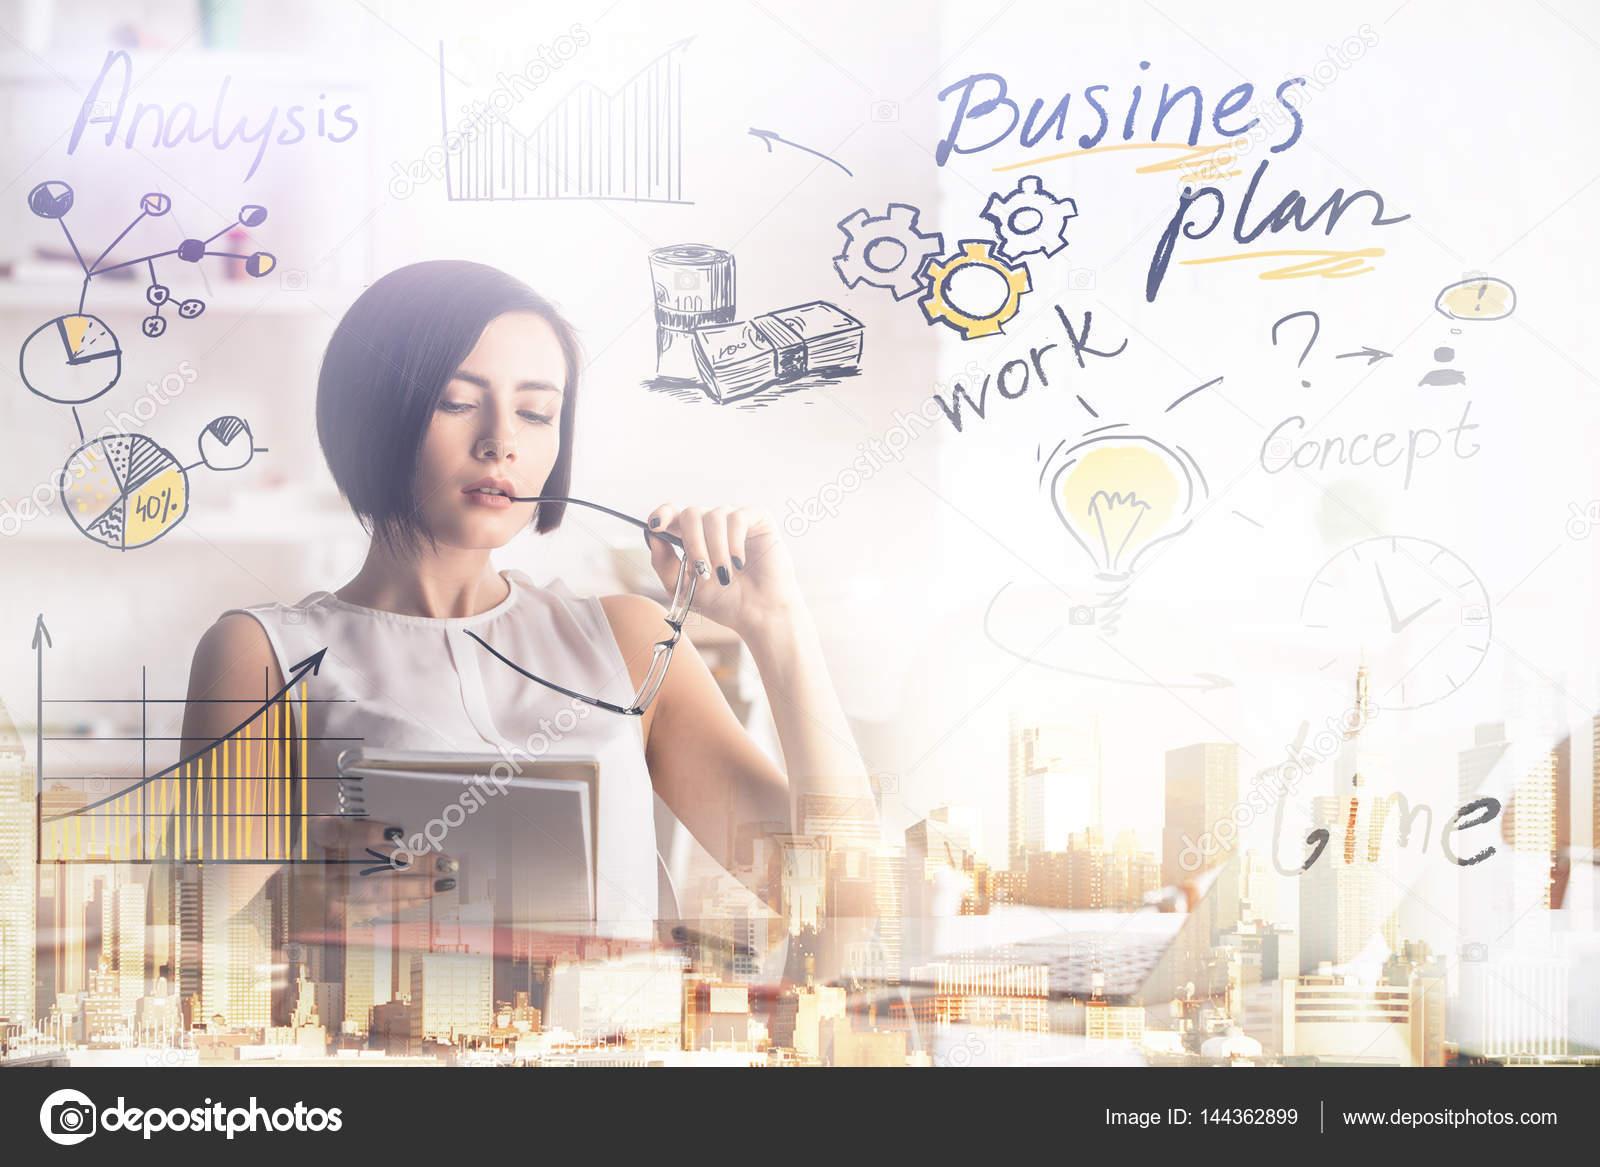 новые идеи бизнеса форум